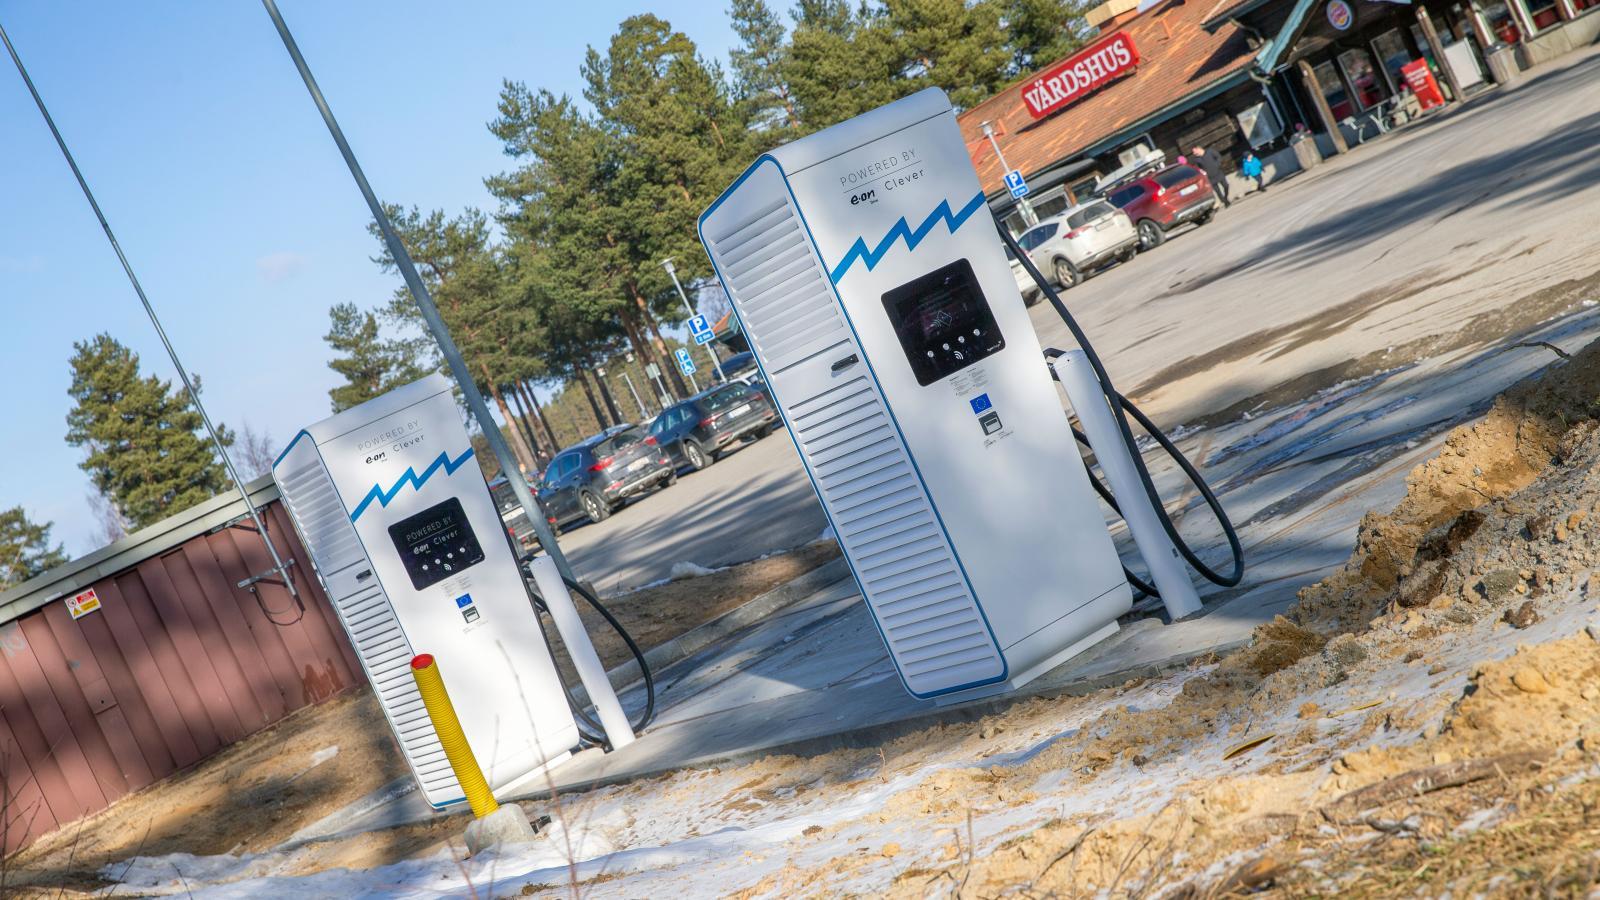 Splitt nya laddare vid Tönnebro rastplats. Max effekt 300 kW, långt mer än vad de flesta av dagens elbilar klarar att ta emot.